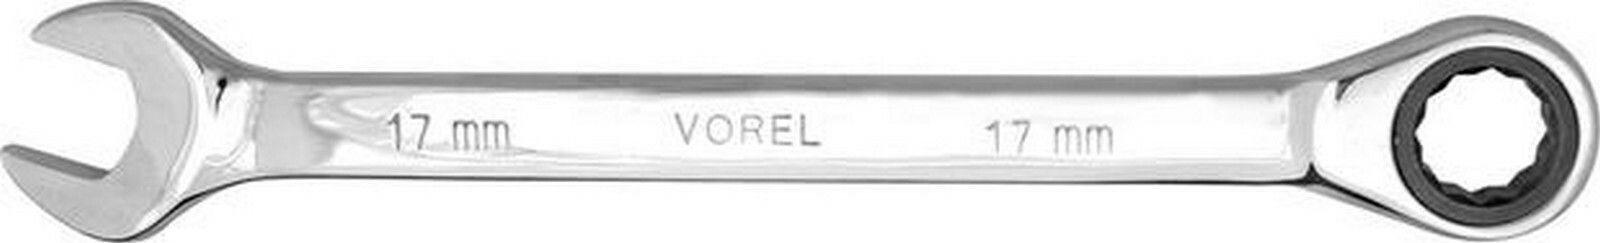 Klíč očkoplochý ráčnový 13 mm CrV TOYA